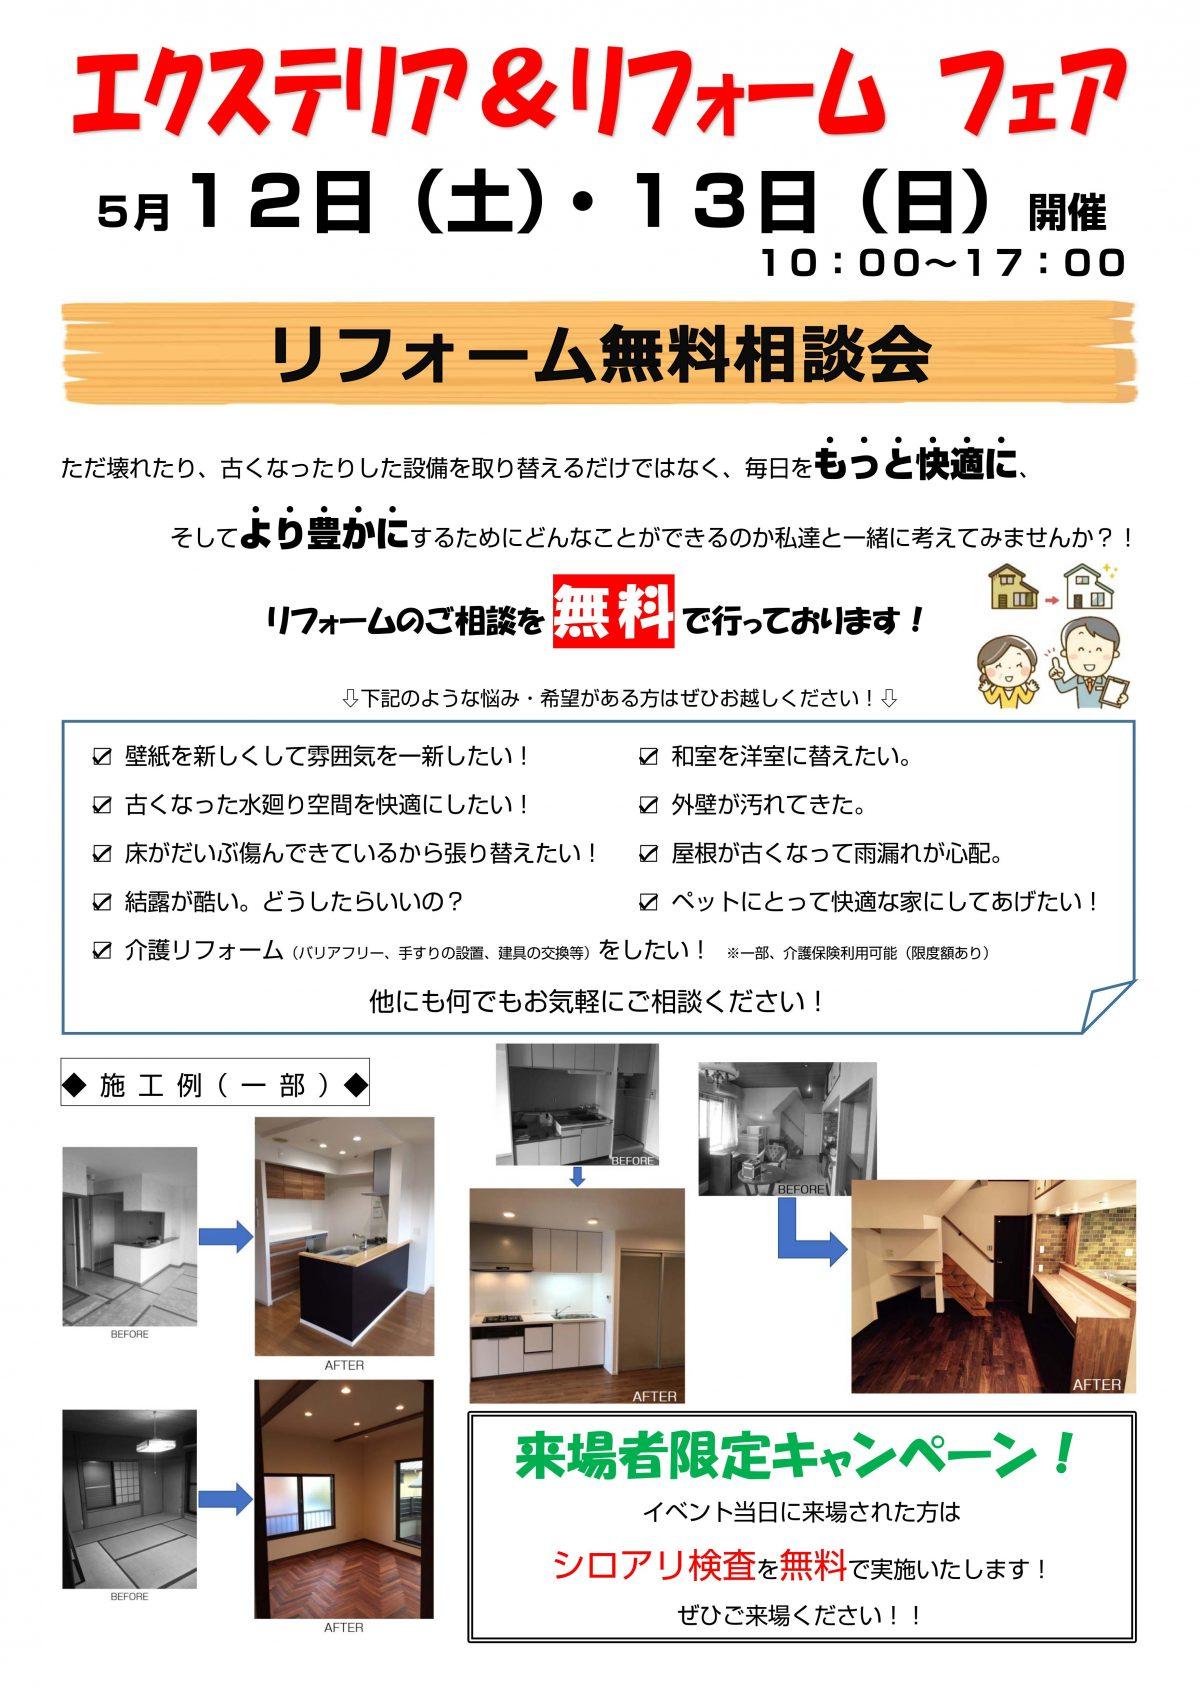 【2018年5月】エクステリア&リフォームフェア